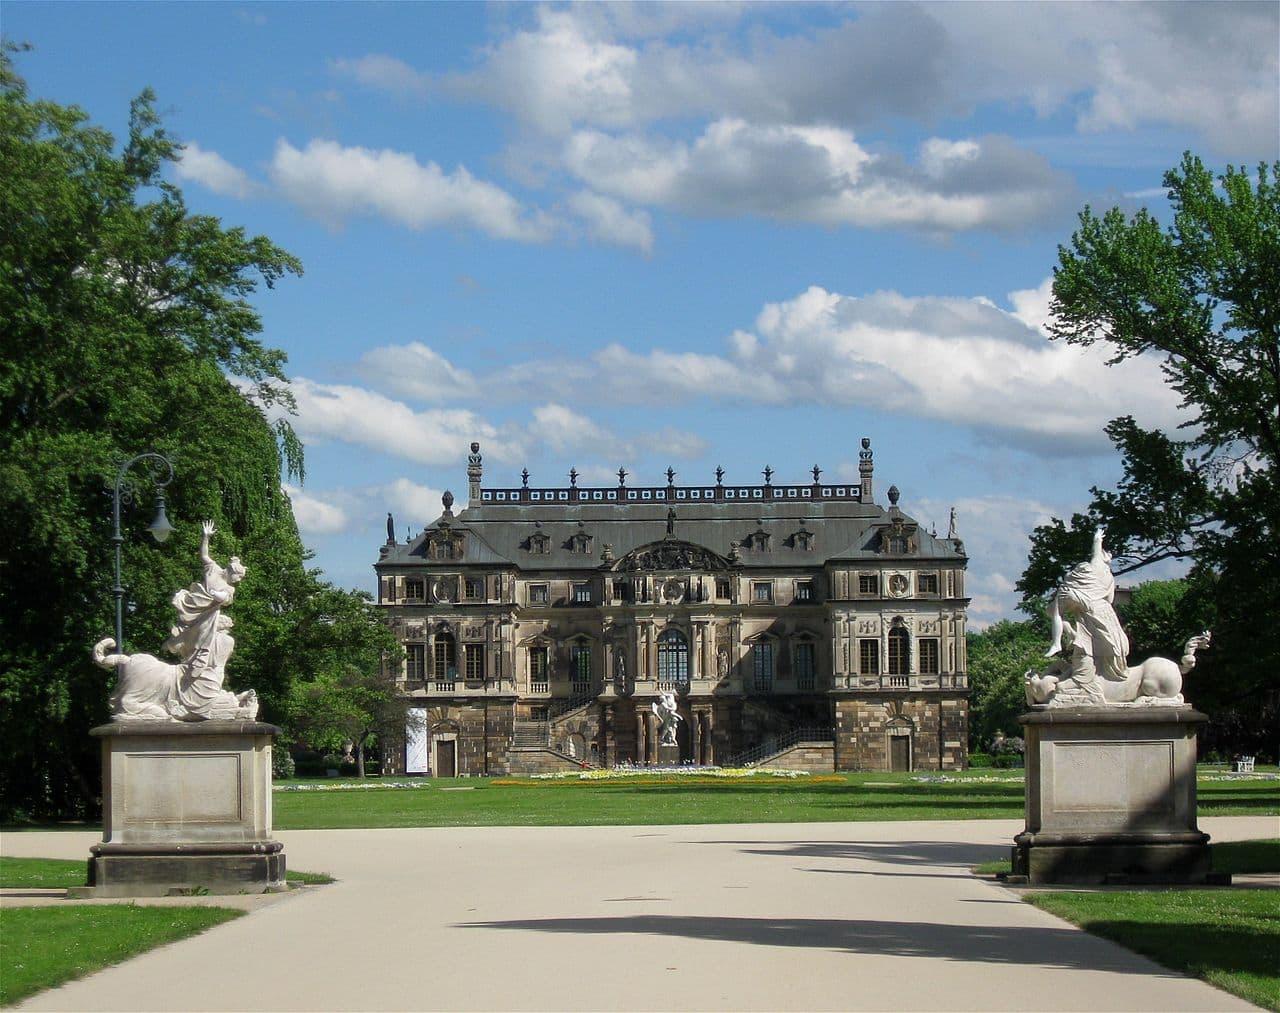 Grosser Garten Dresden - Palais